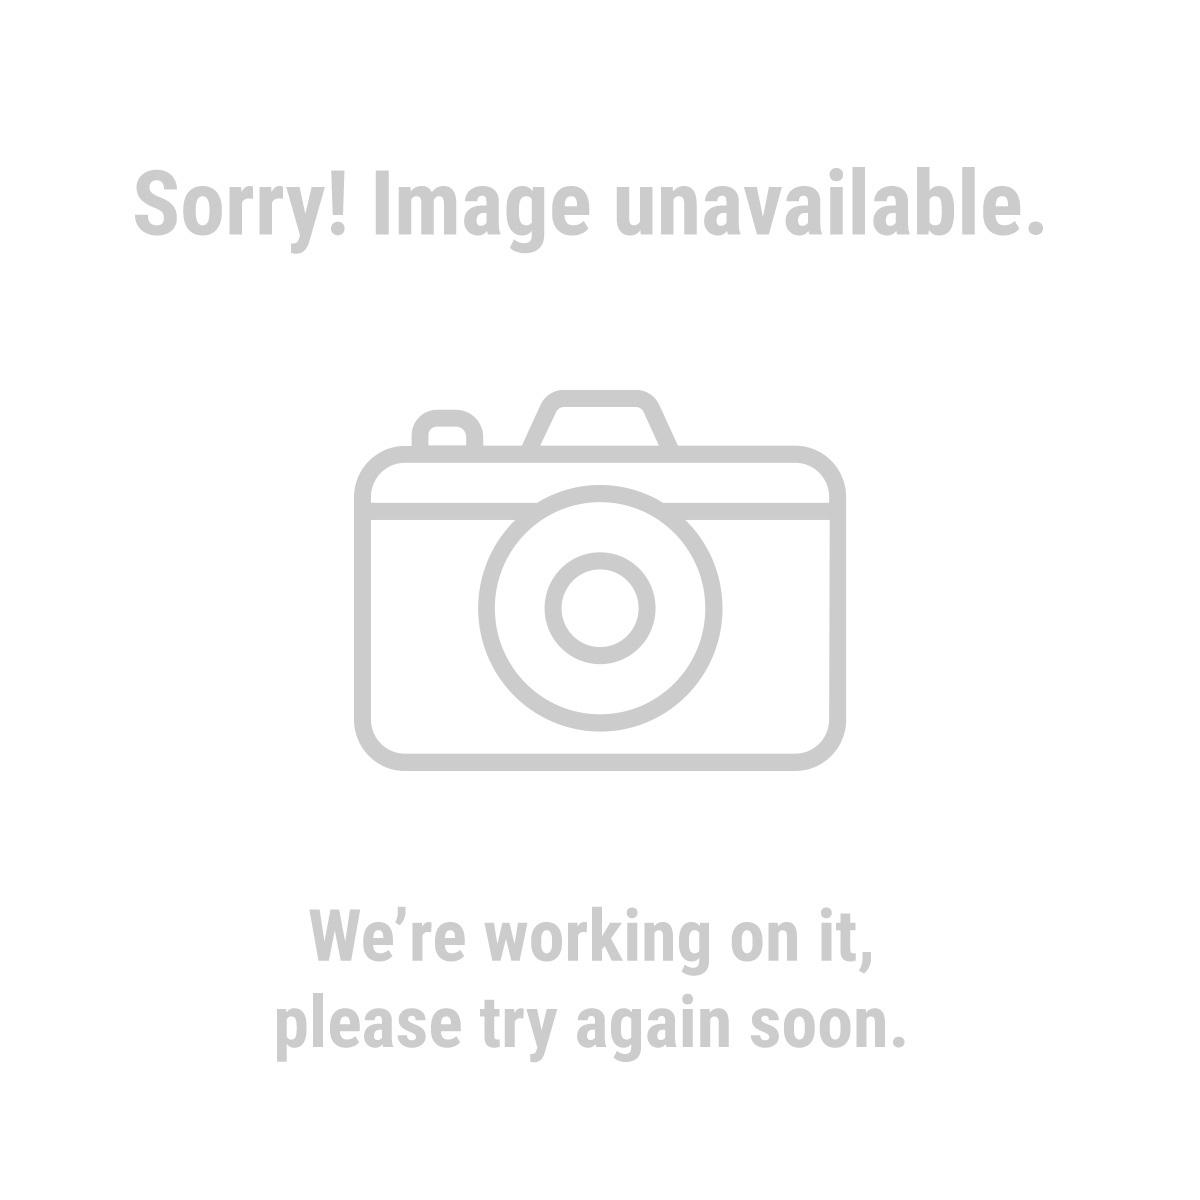 Chicago Electric Welding 61612 Auto Darkening Welding Helmet with Racing Stripe Design